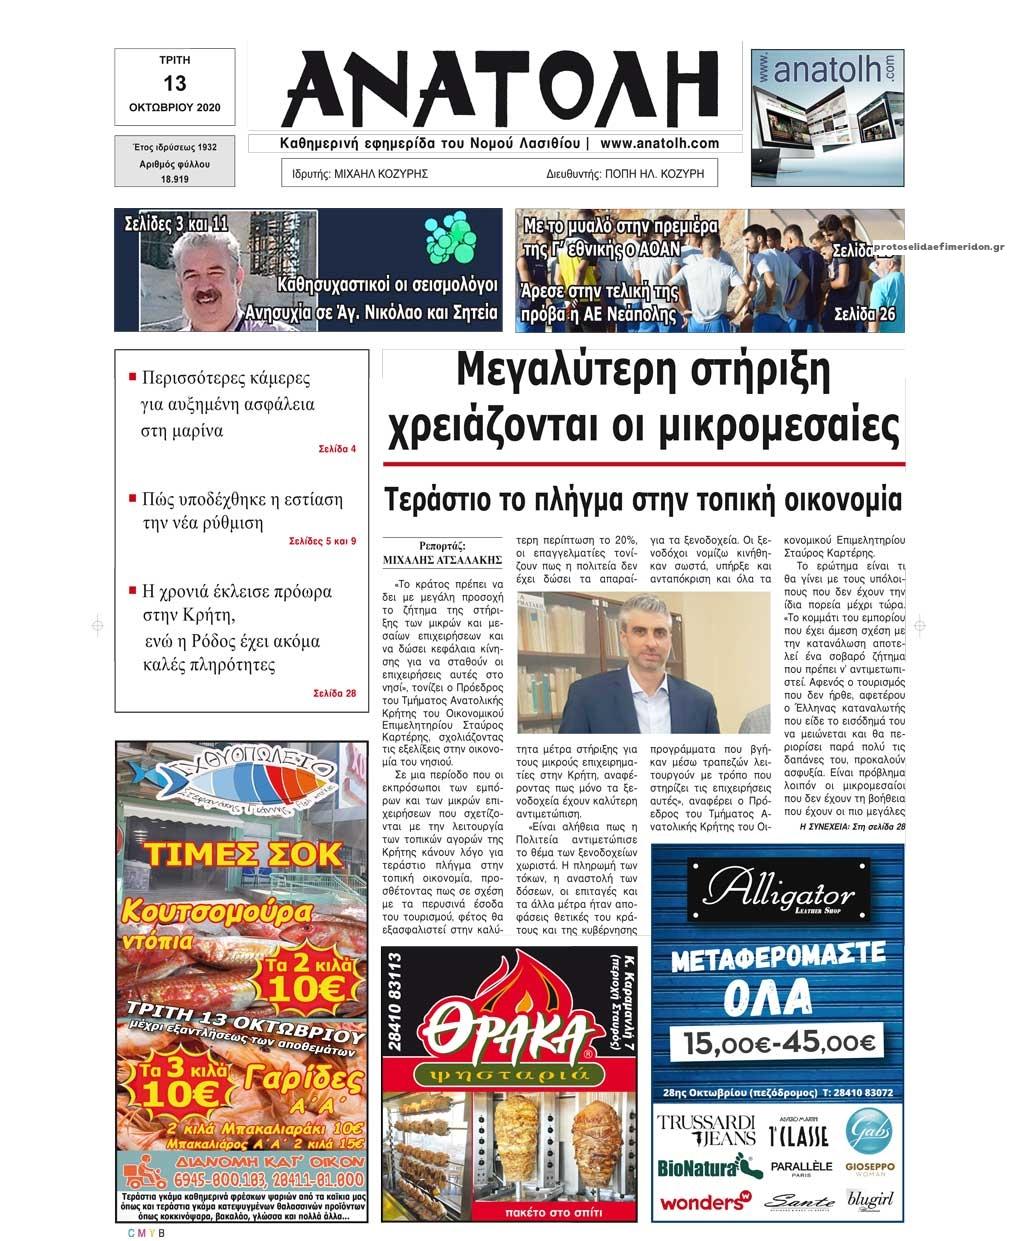 Πρωτοσέλιδο εφημερίδας Ανατολή